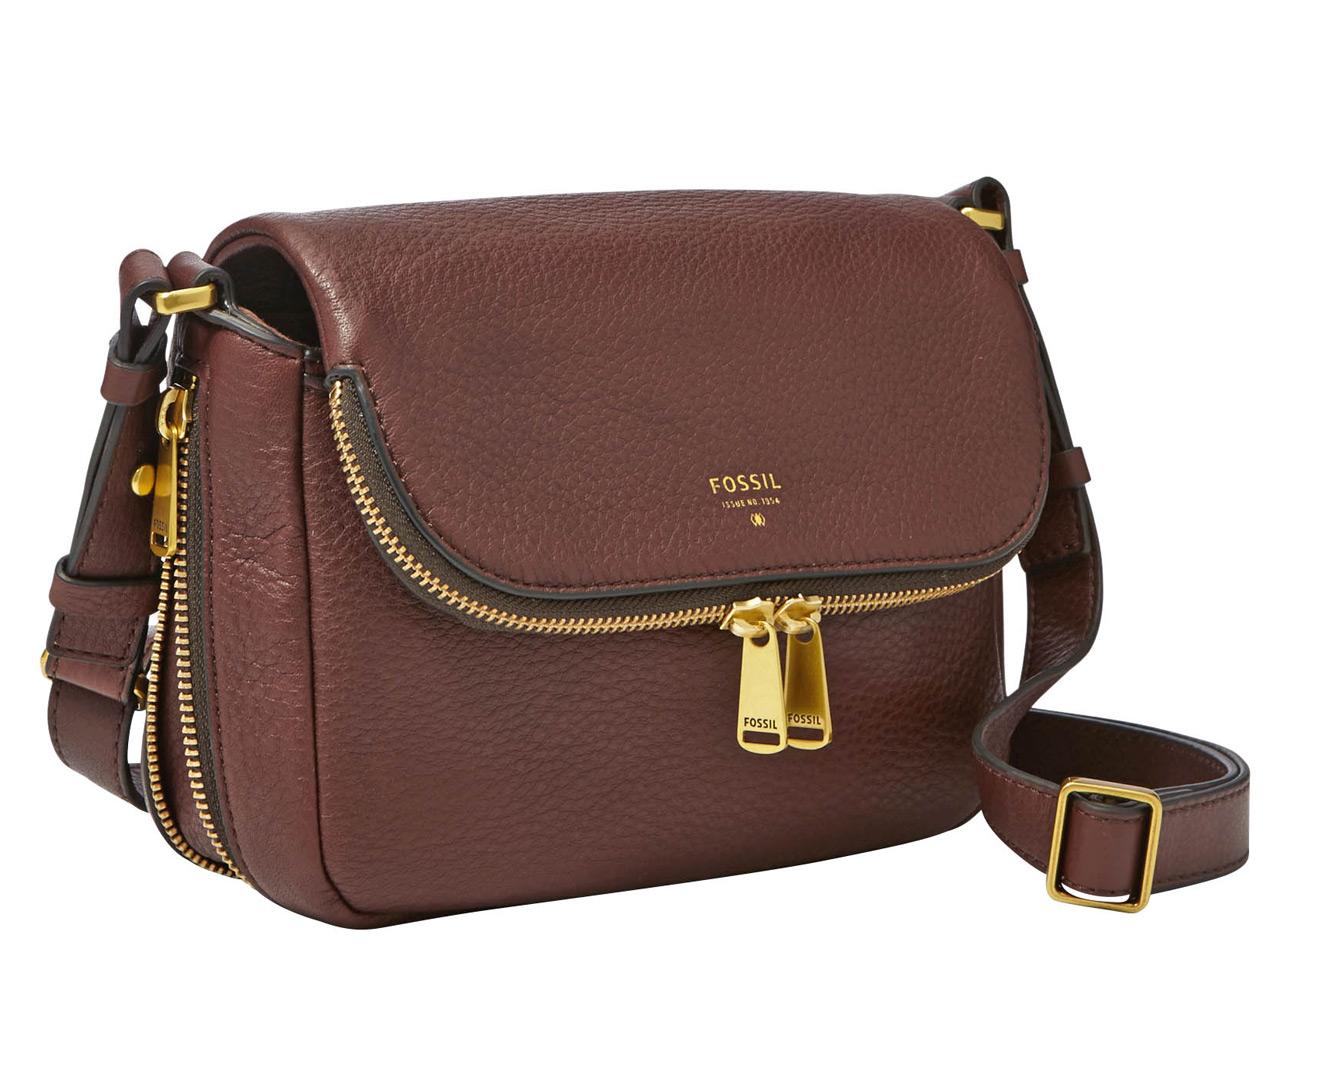 Fossil Piper Small Crossbody Brown Zb 6738200 Daftar Harga Terbaik Crimson 6738933 Flap Espresso S Bag